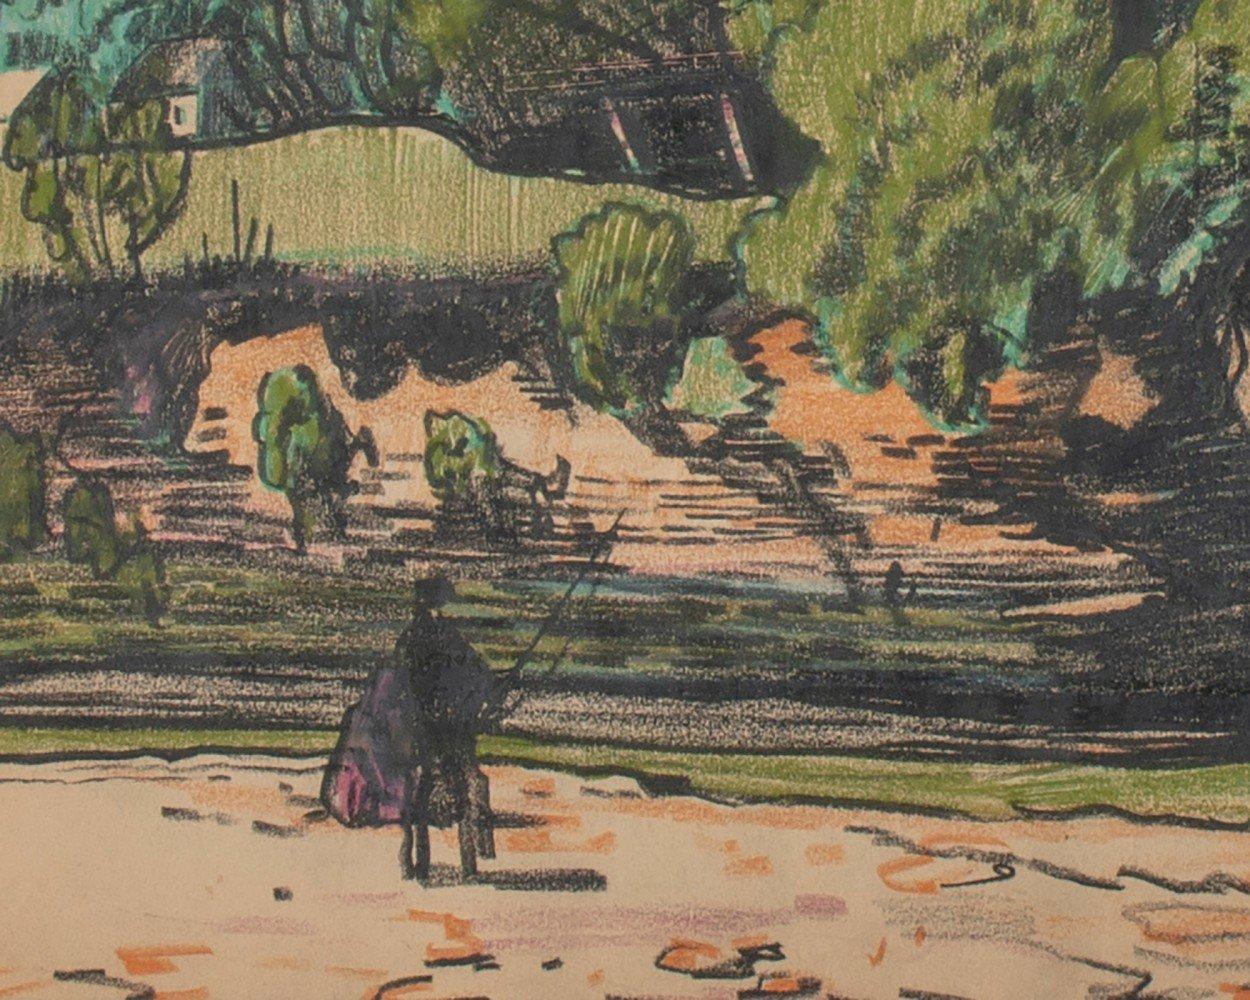 Landscape Conté Crayon and Gouache on Paper Drawing: